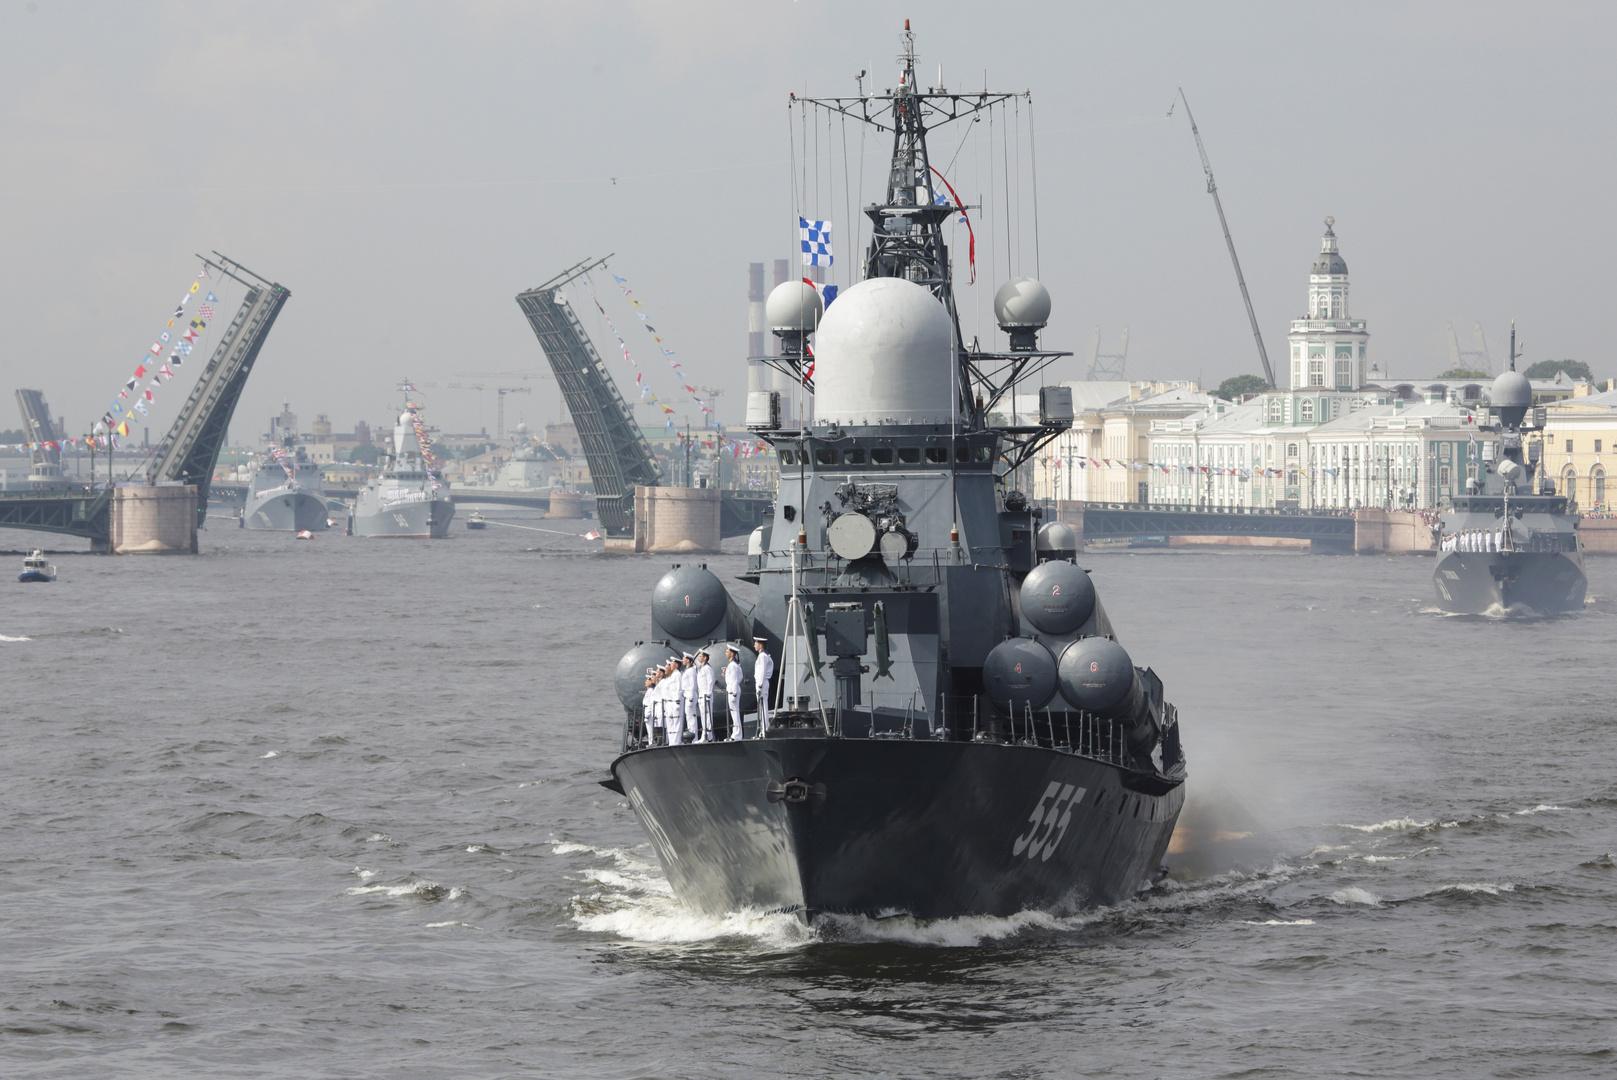 عروض عسكرية ضخمة في عيد الأسطول البحري الروسي بحضور بوتين